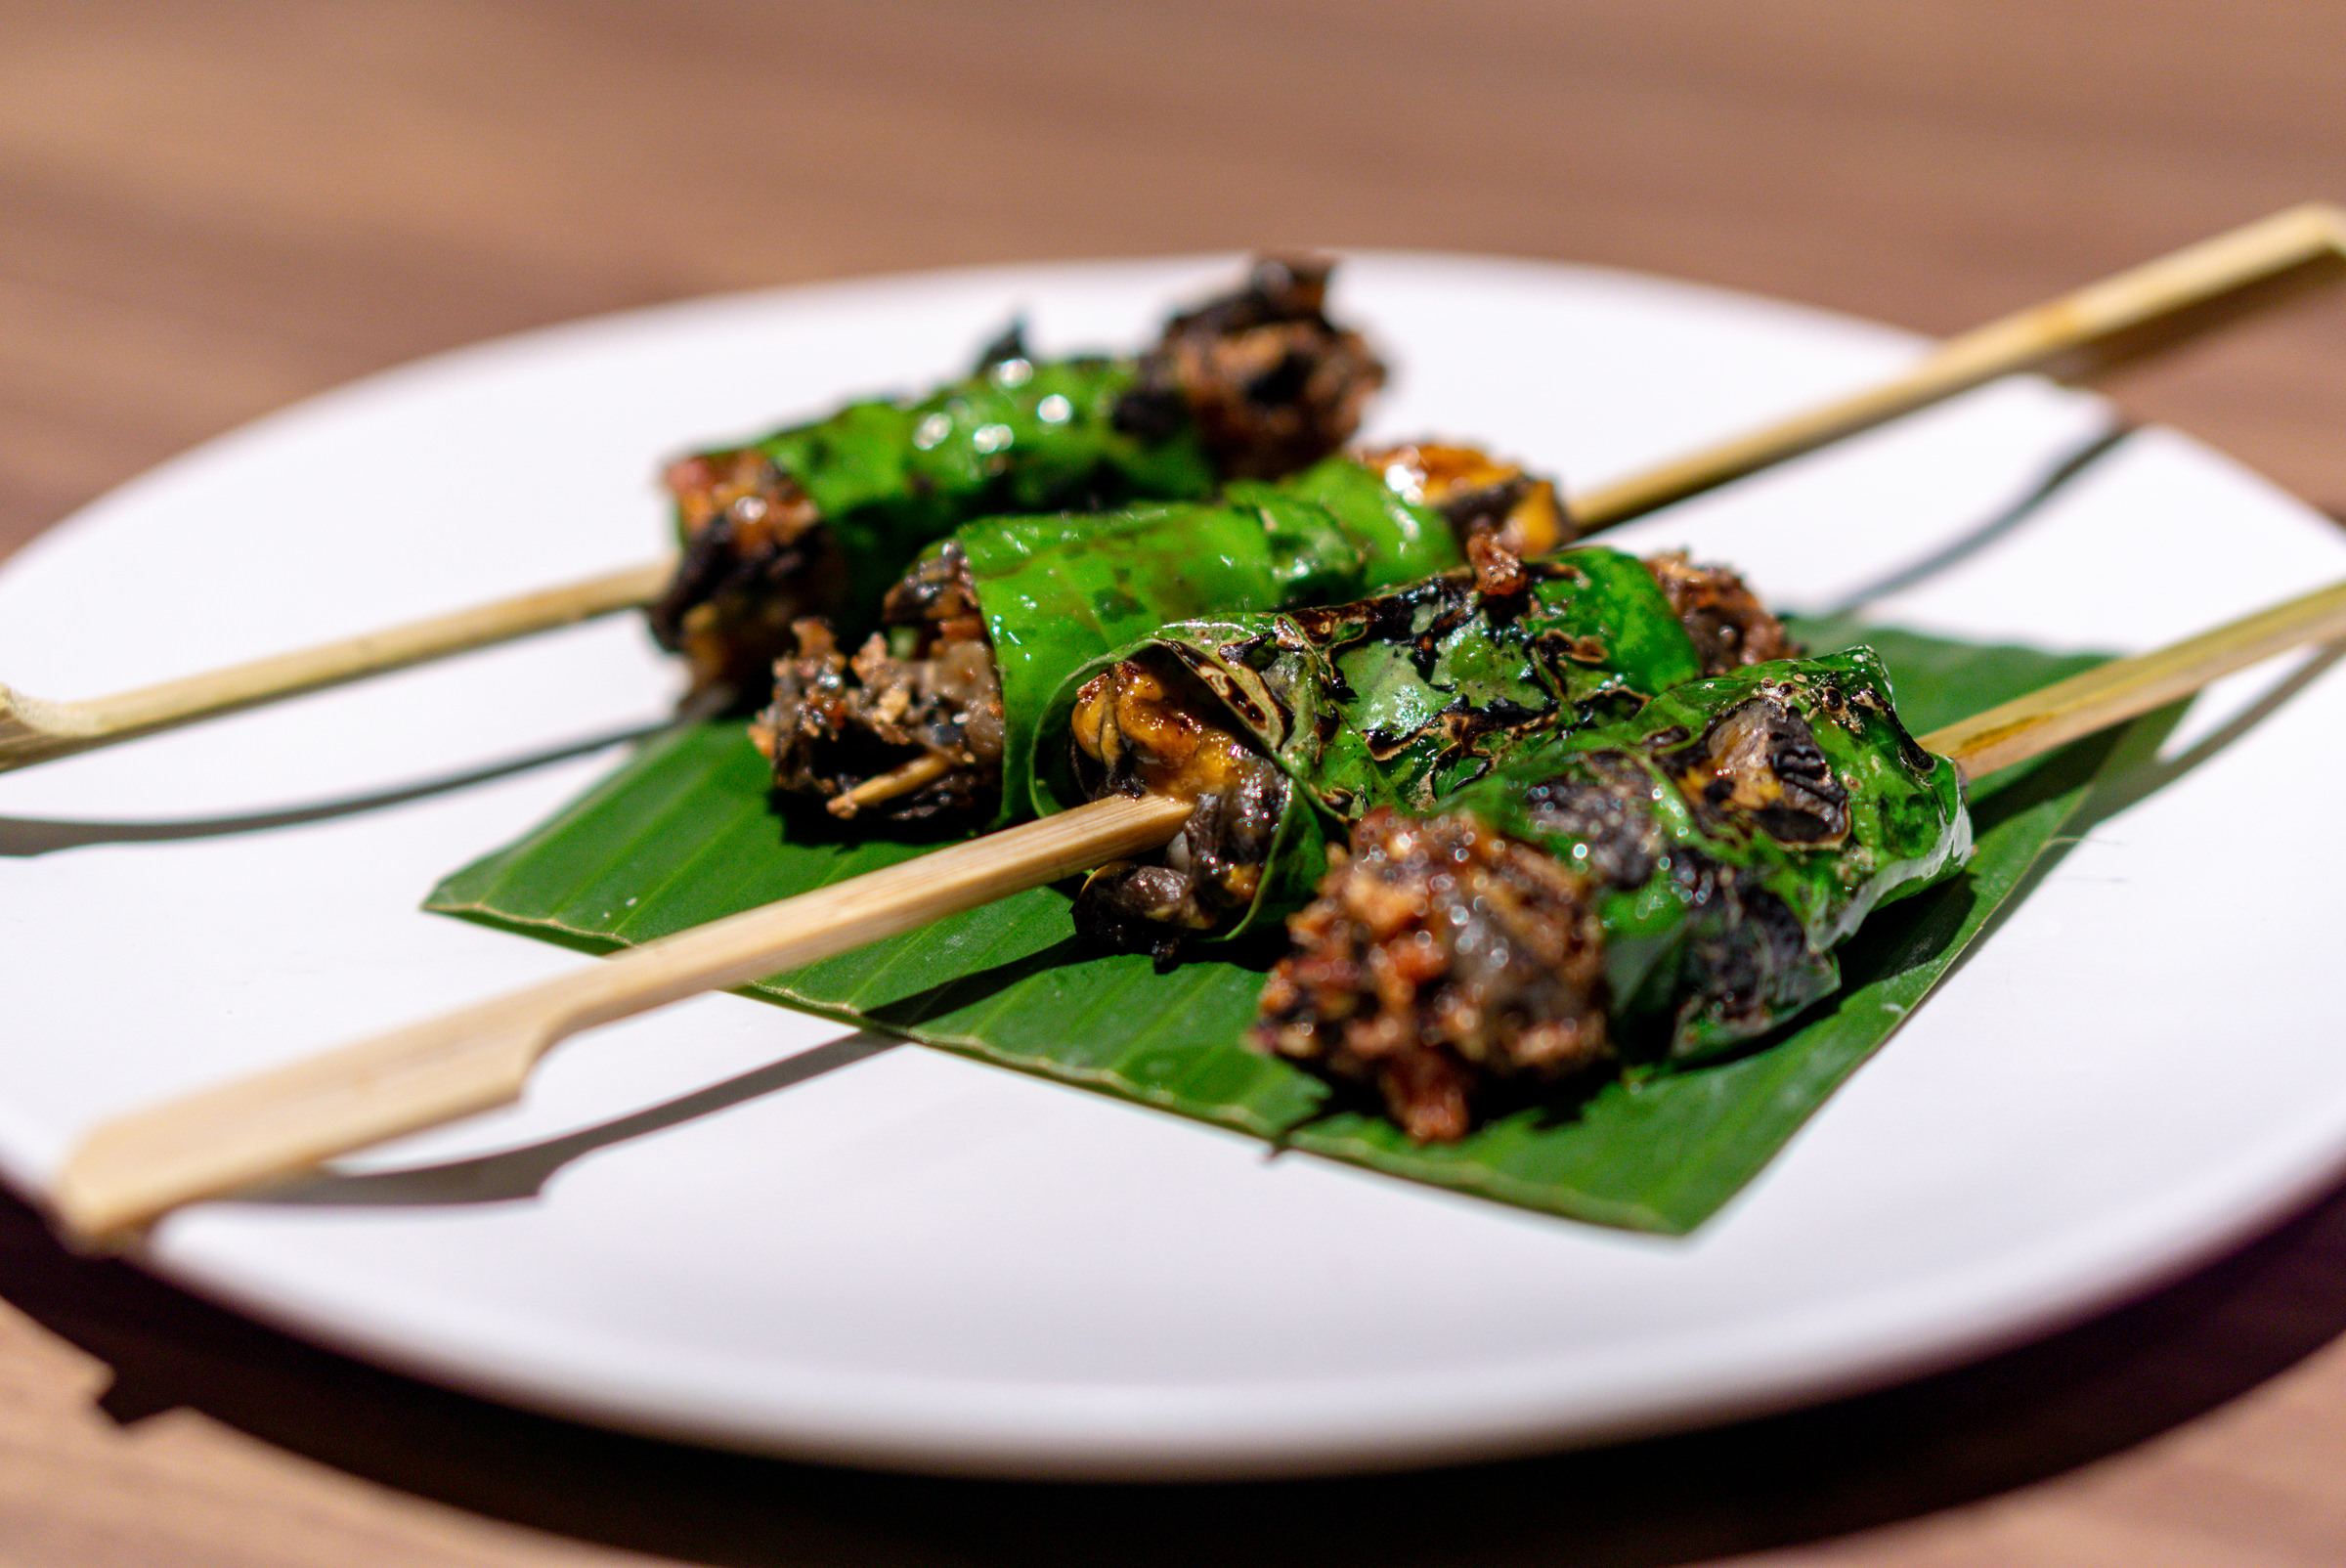 Restaurant Ibid, Woo Wai Leong - Skewered Escargot Skewers